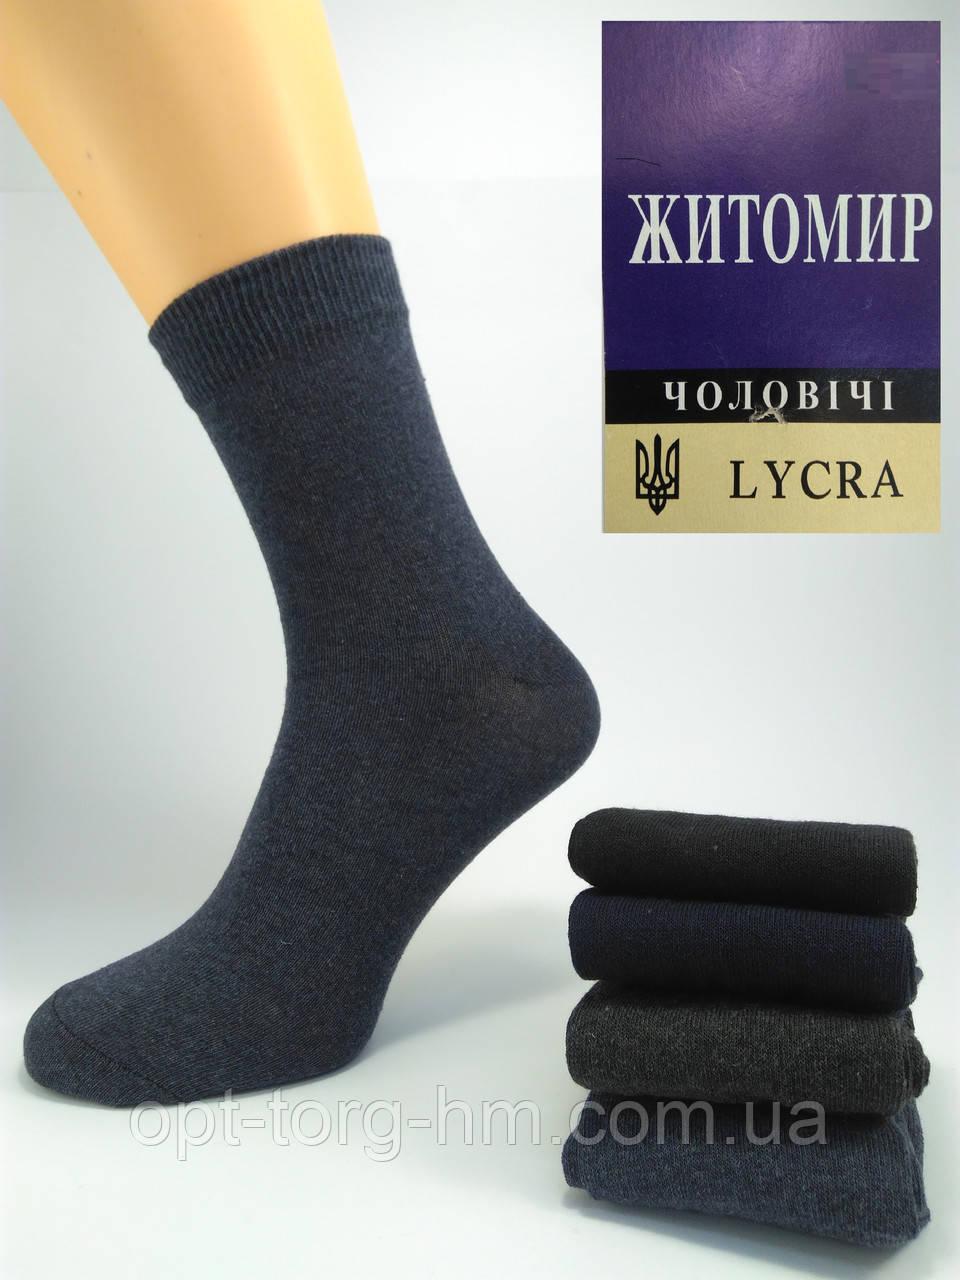 Мужские носки Lycra